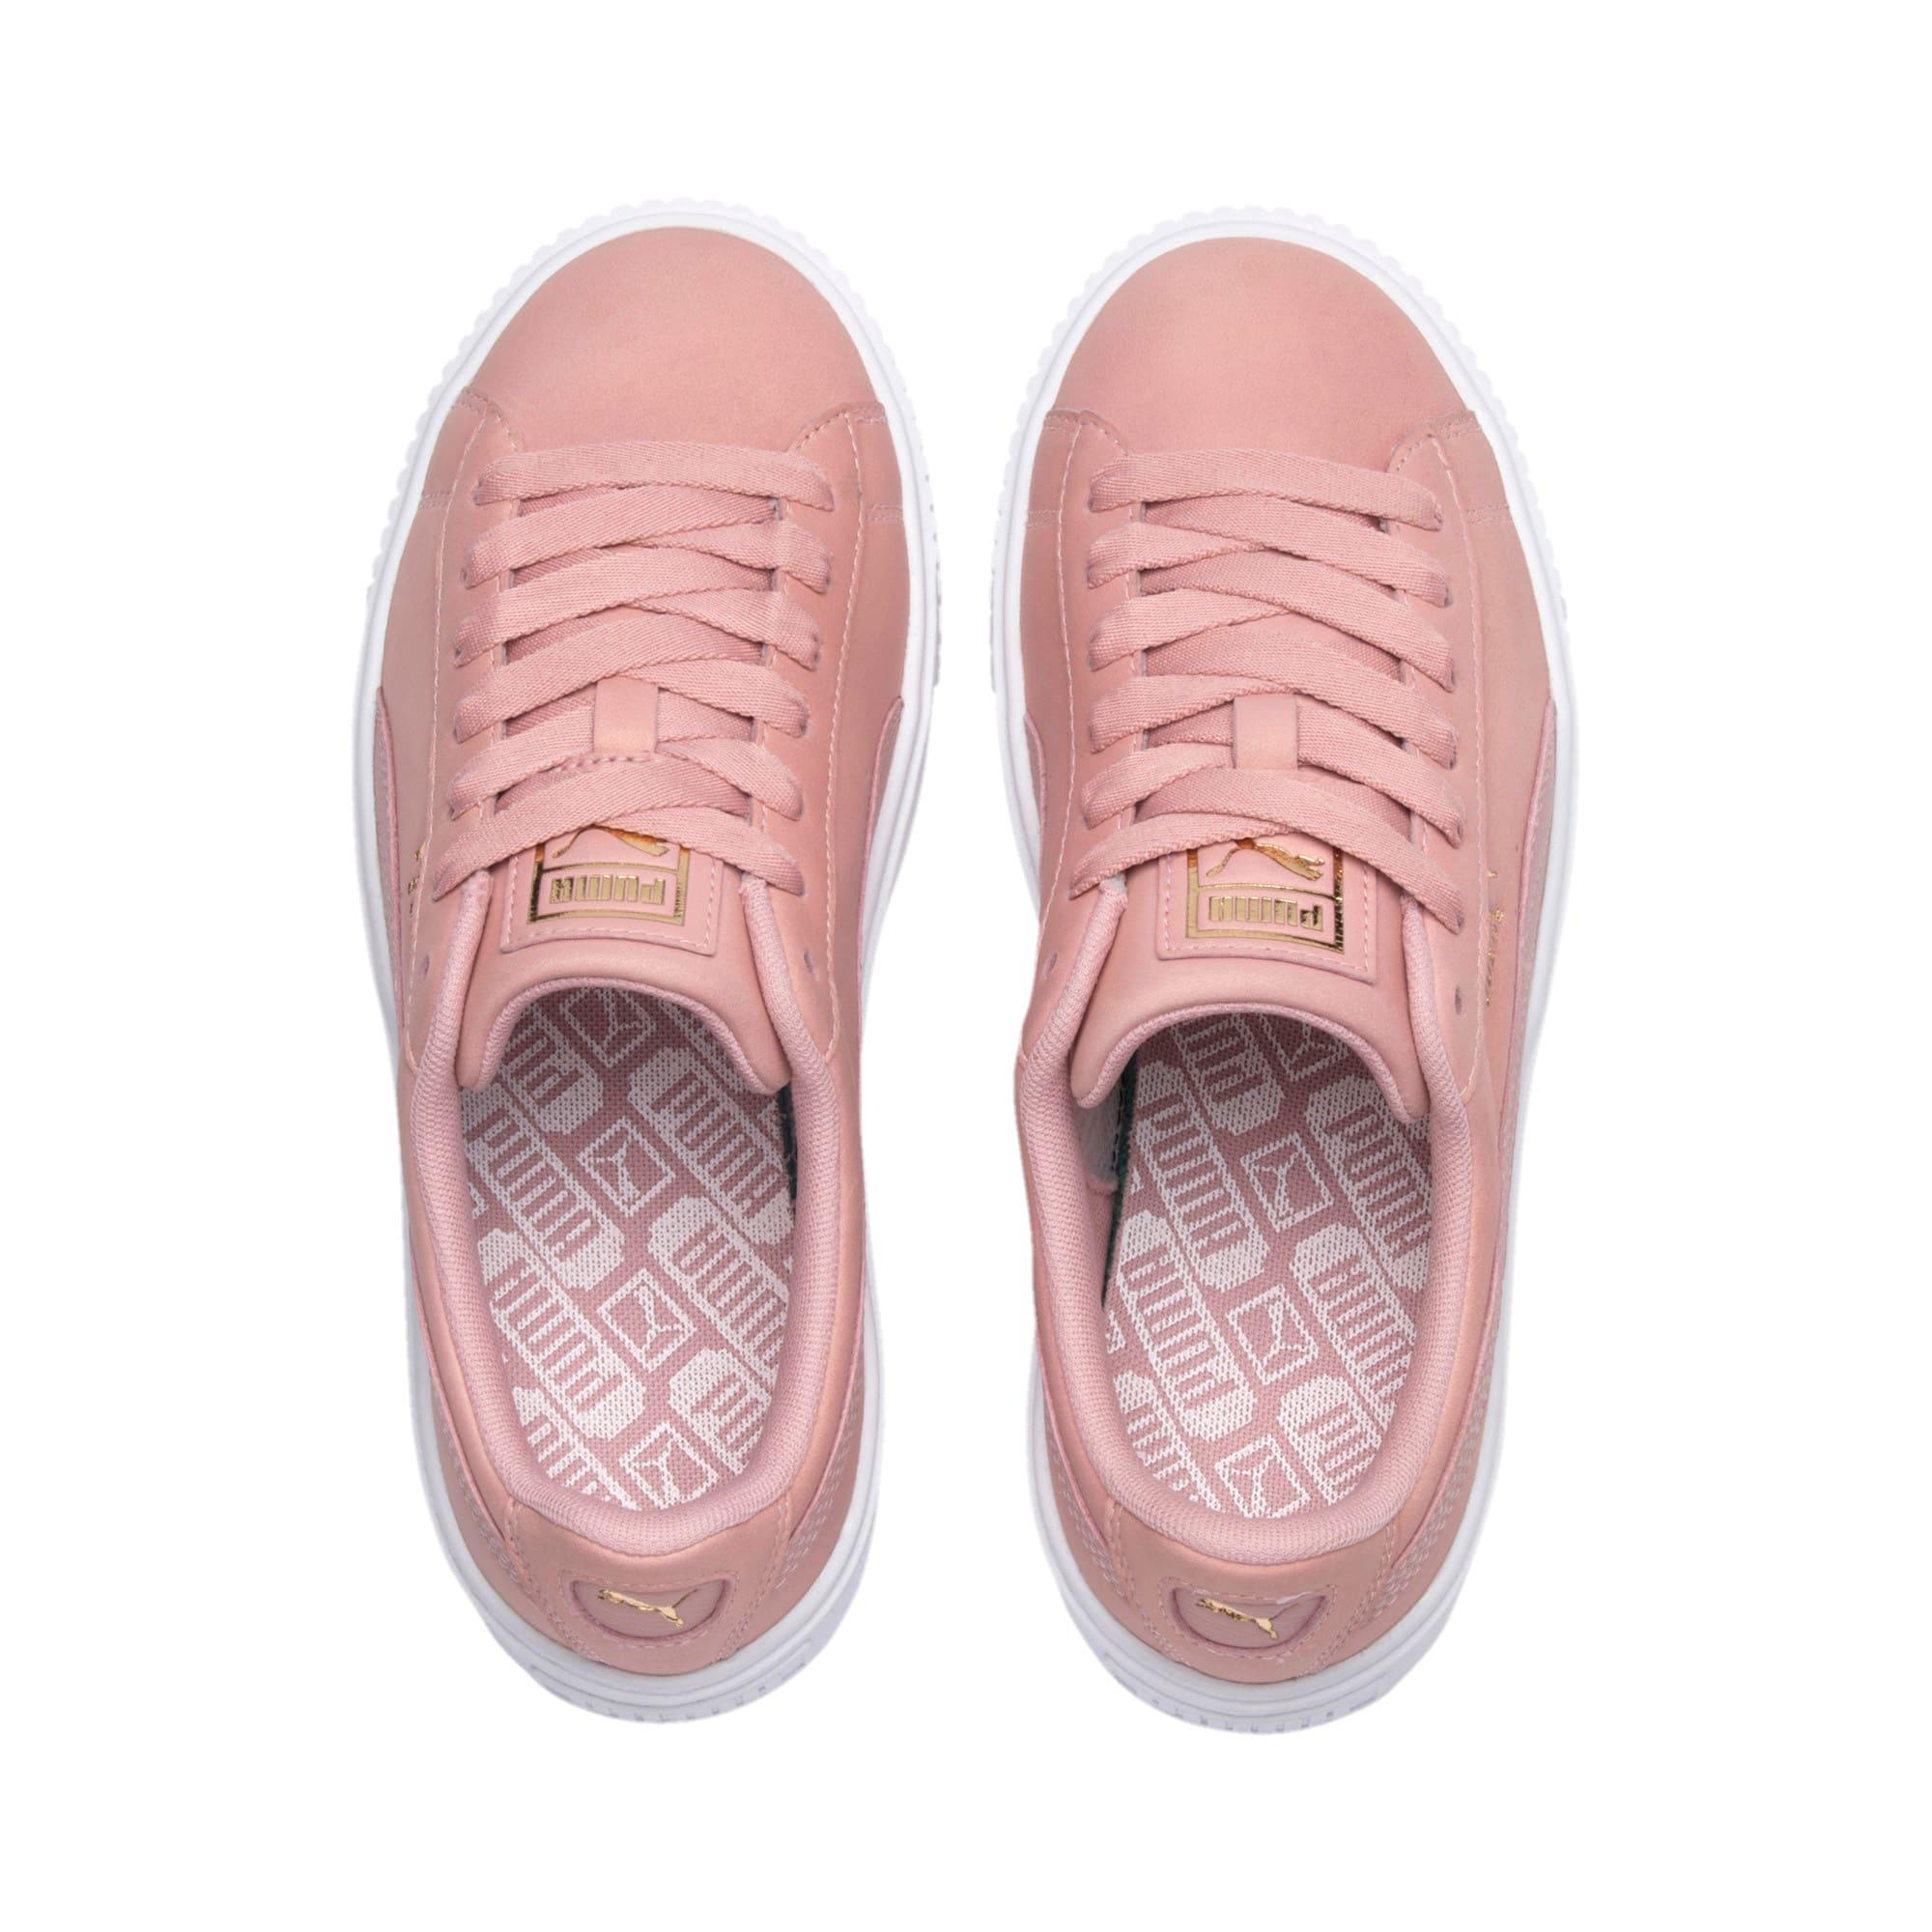 Miniatura 7 de Zapatos deportivos Suede con brillo y plataforma para mujer, Bridal Rose-Puma White, mediano